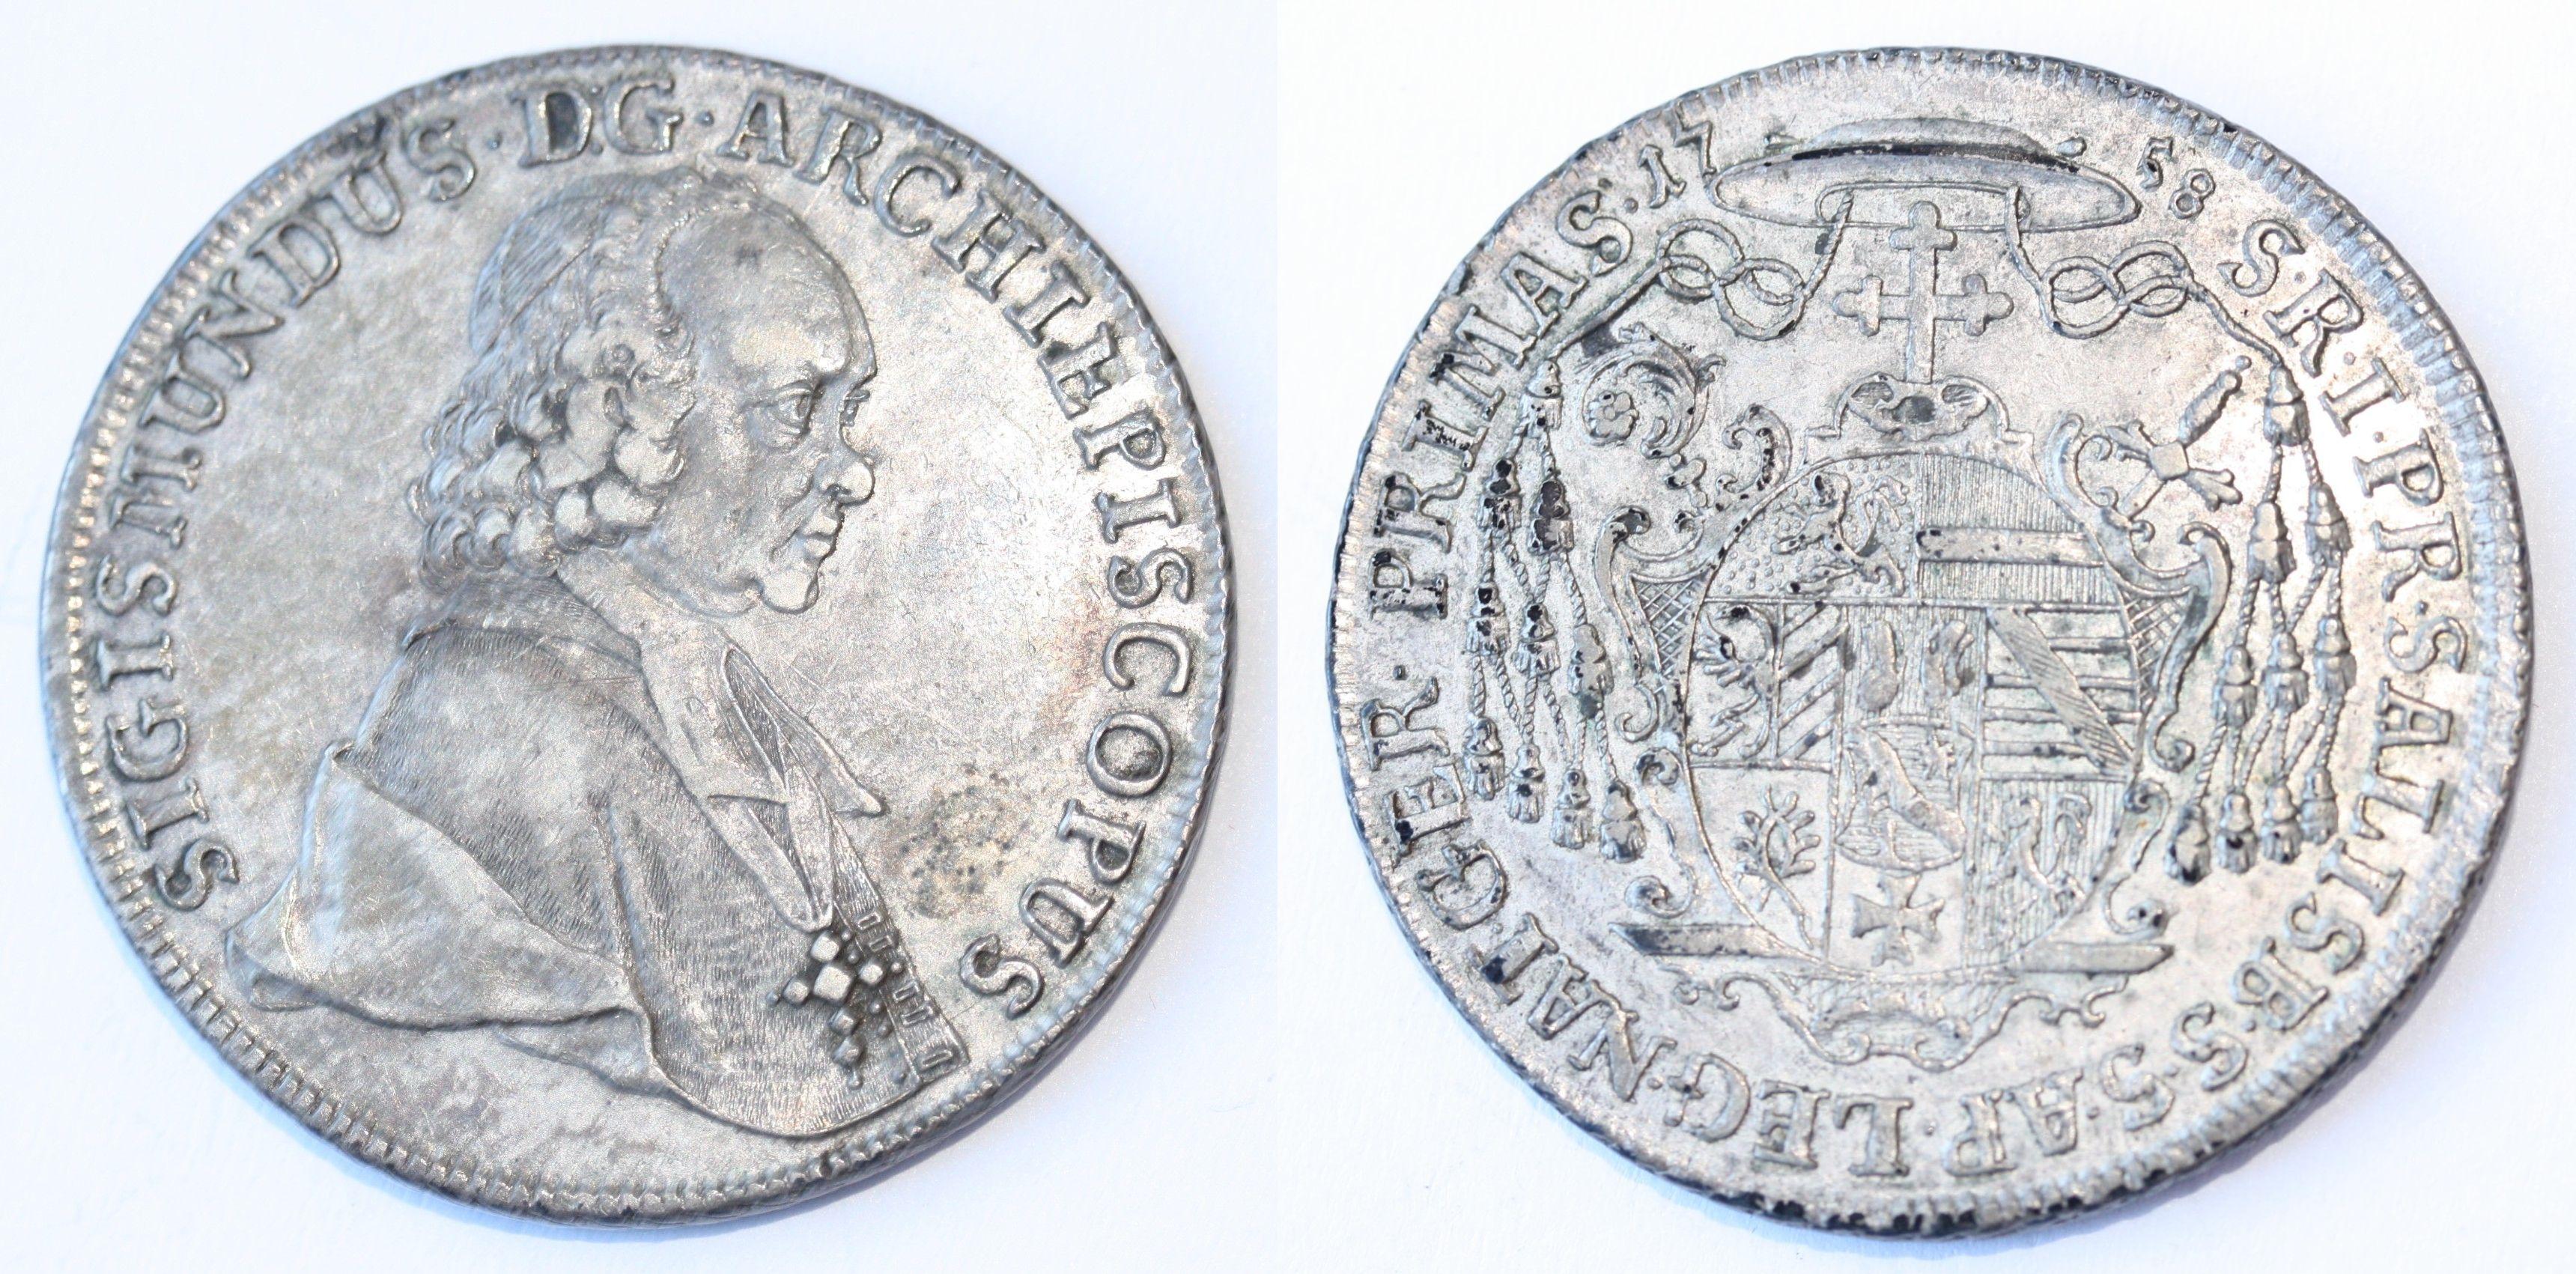 Taler 1758, Münzkabinett Gotha,Inv. 3.2./5613